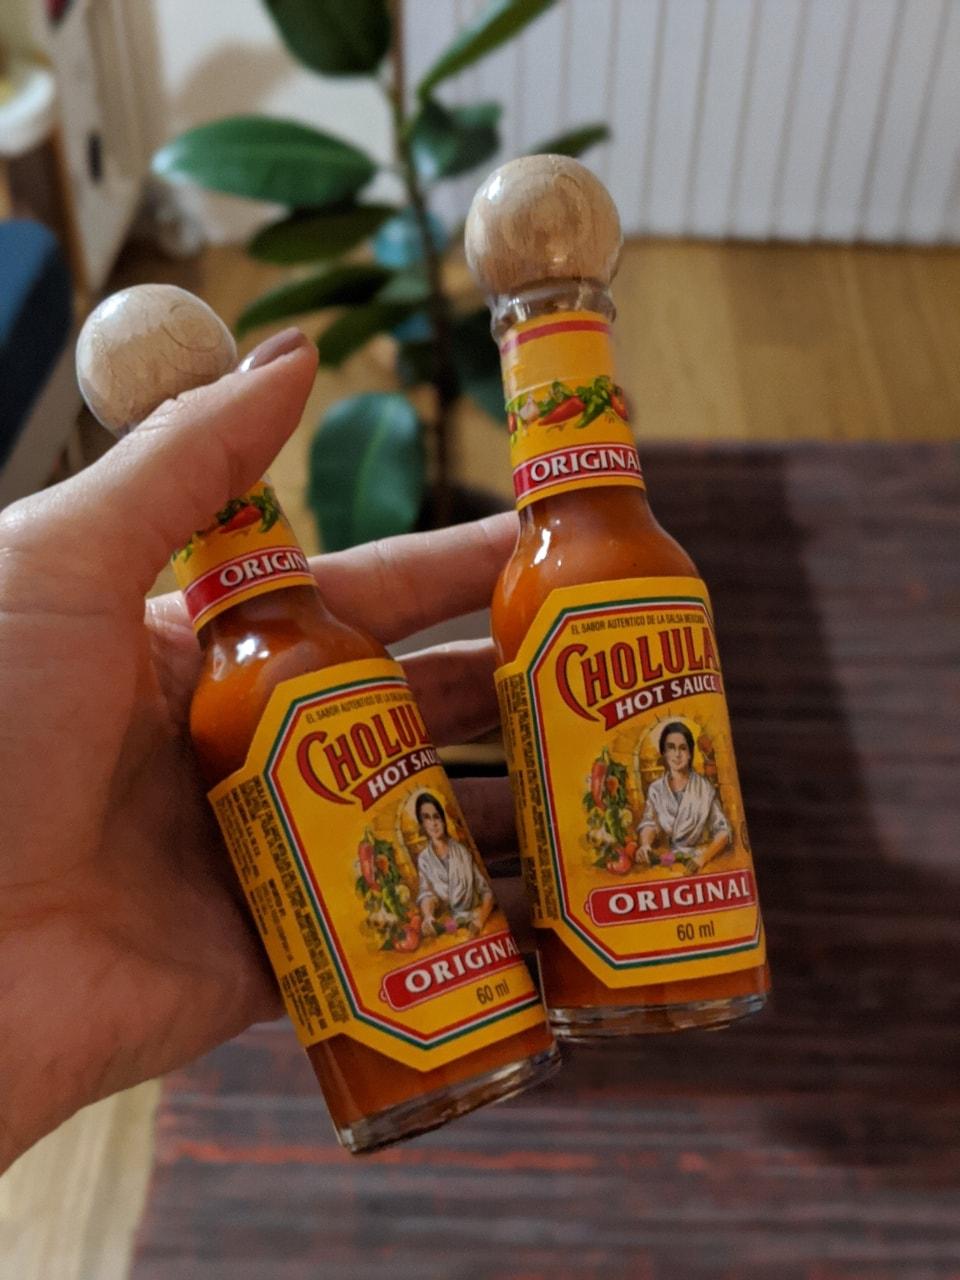 1 x unopened bottle of Cholula hot sauce